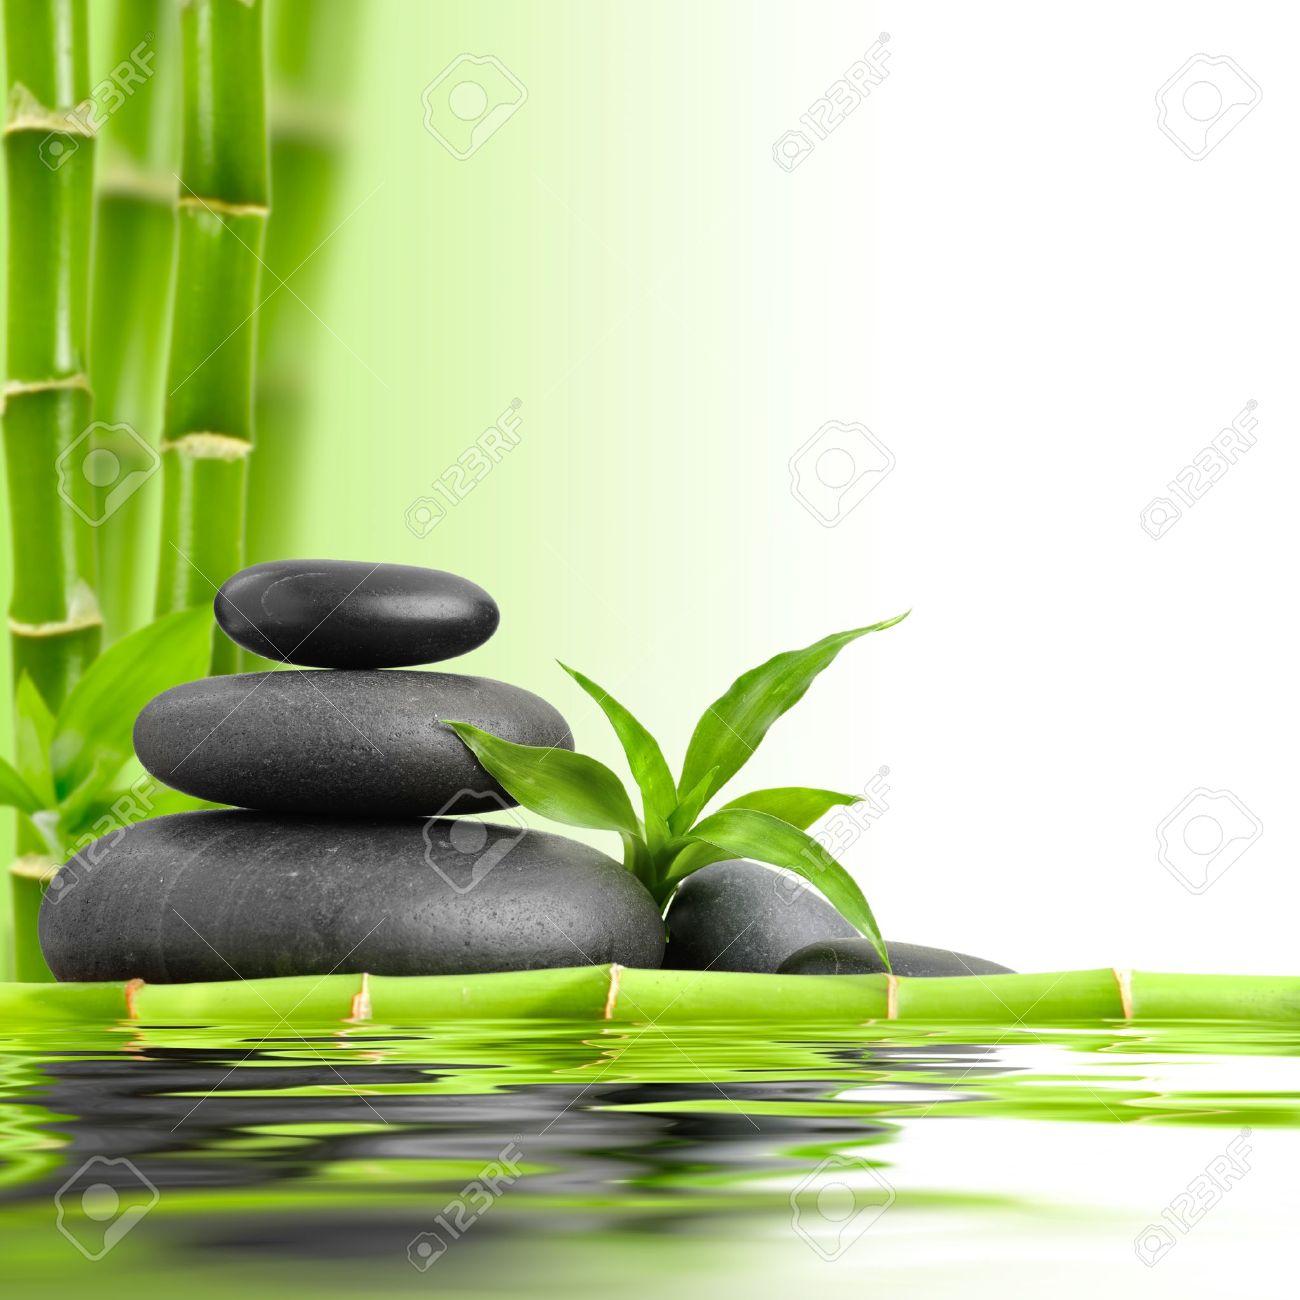 zen piedras de basalto y bamb foto de archivo 16310671 - Piedras Zen